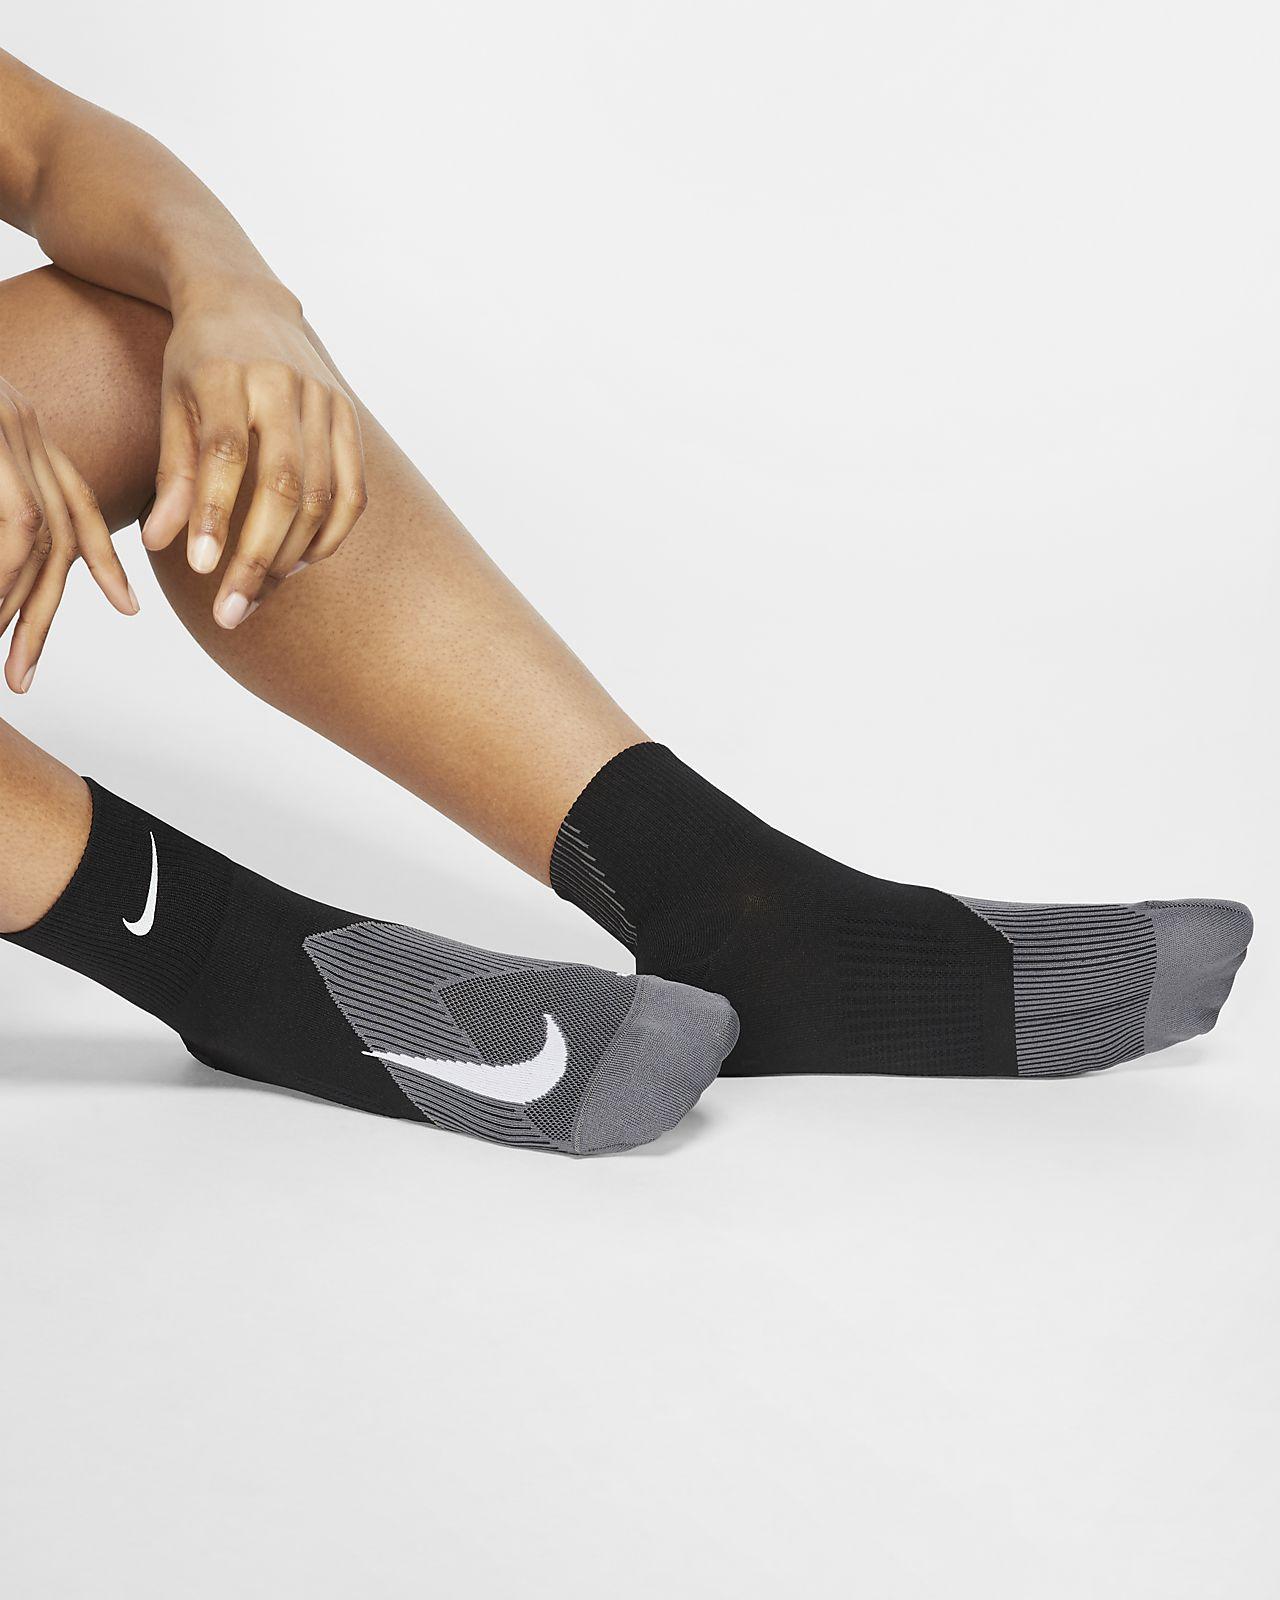 ถุงเท้าวิ่ง Nike Elite Lightweight Crew